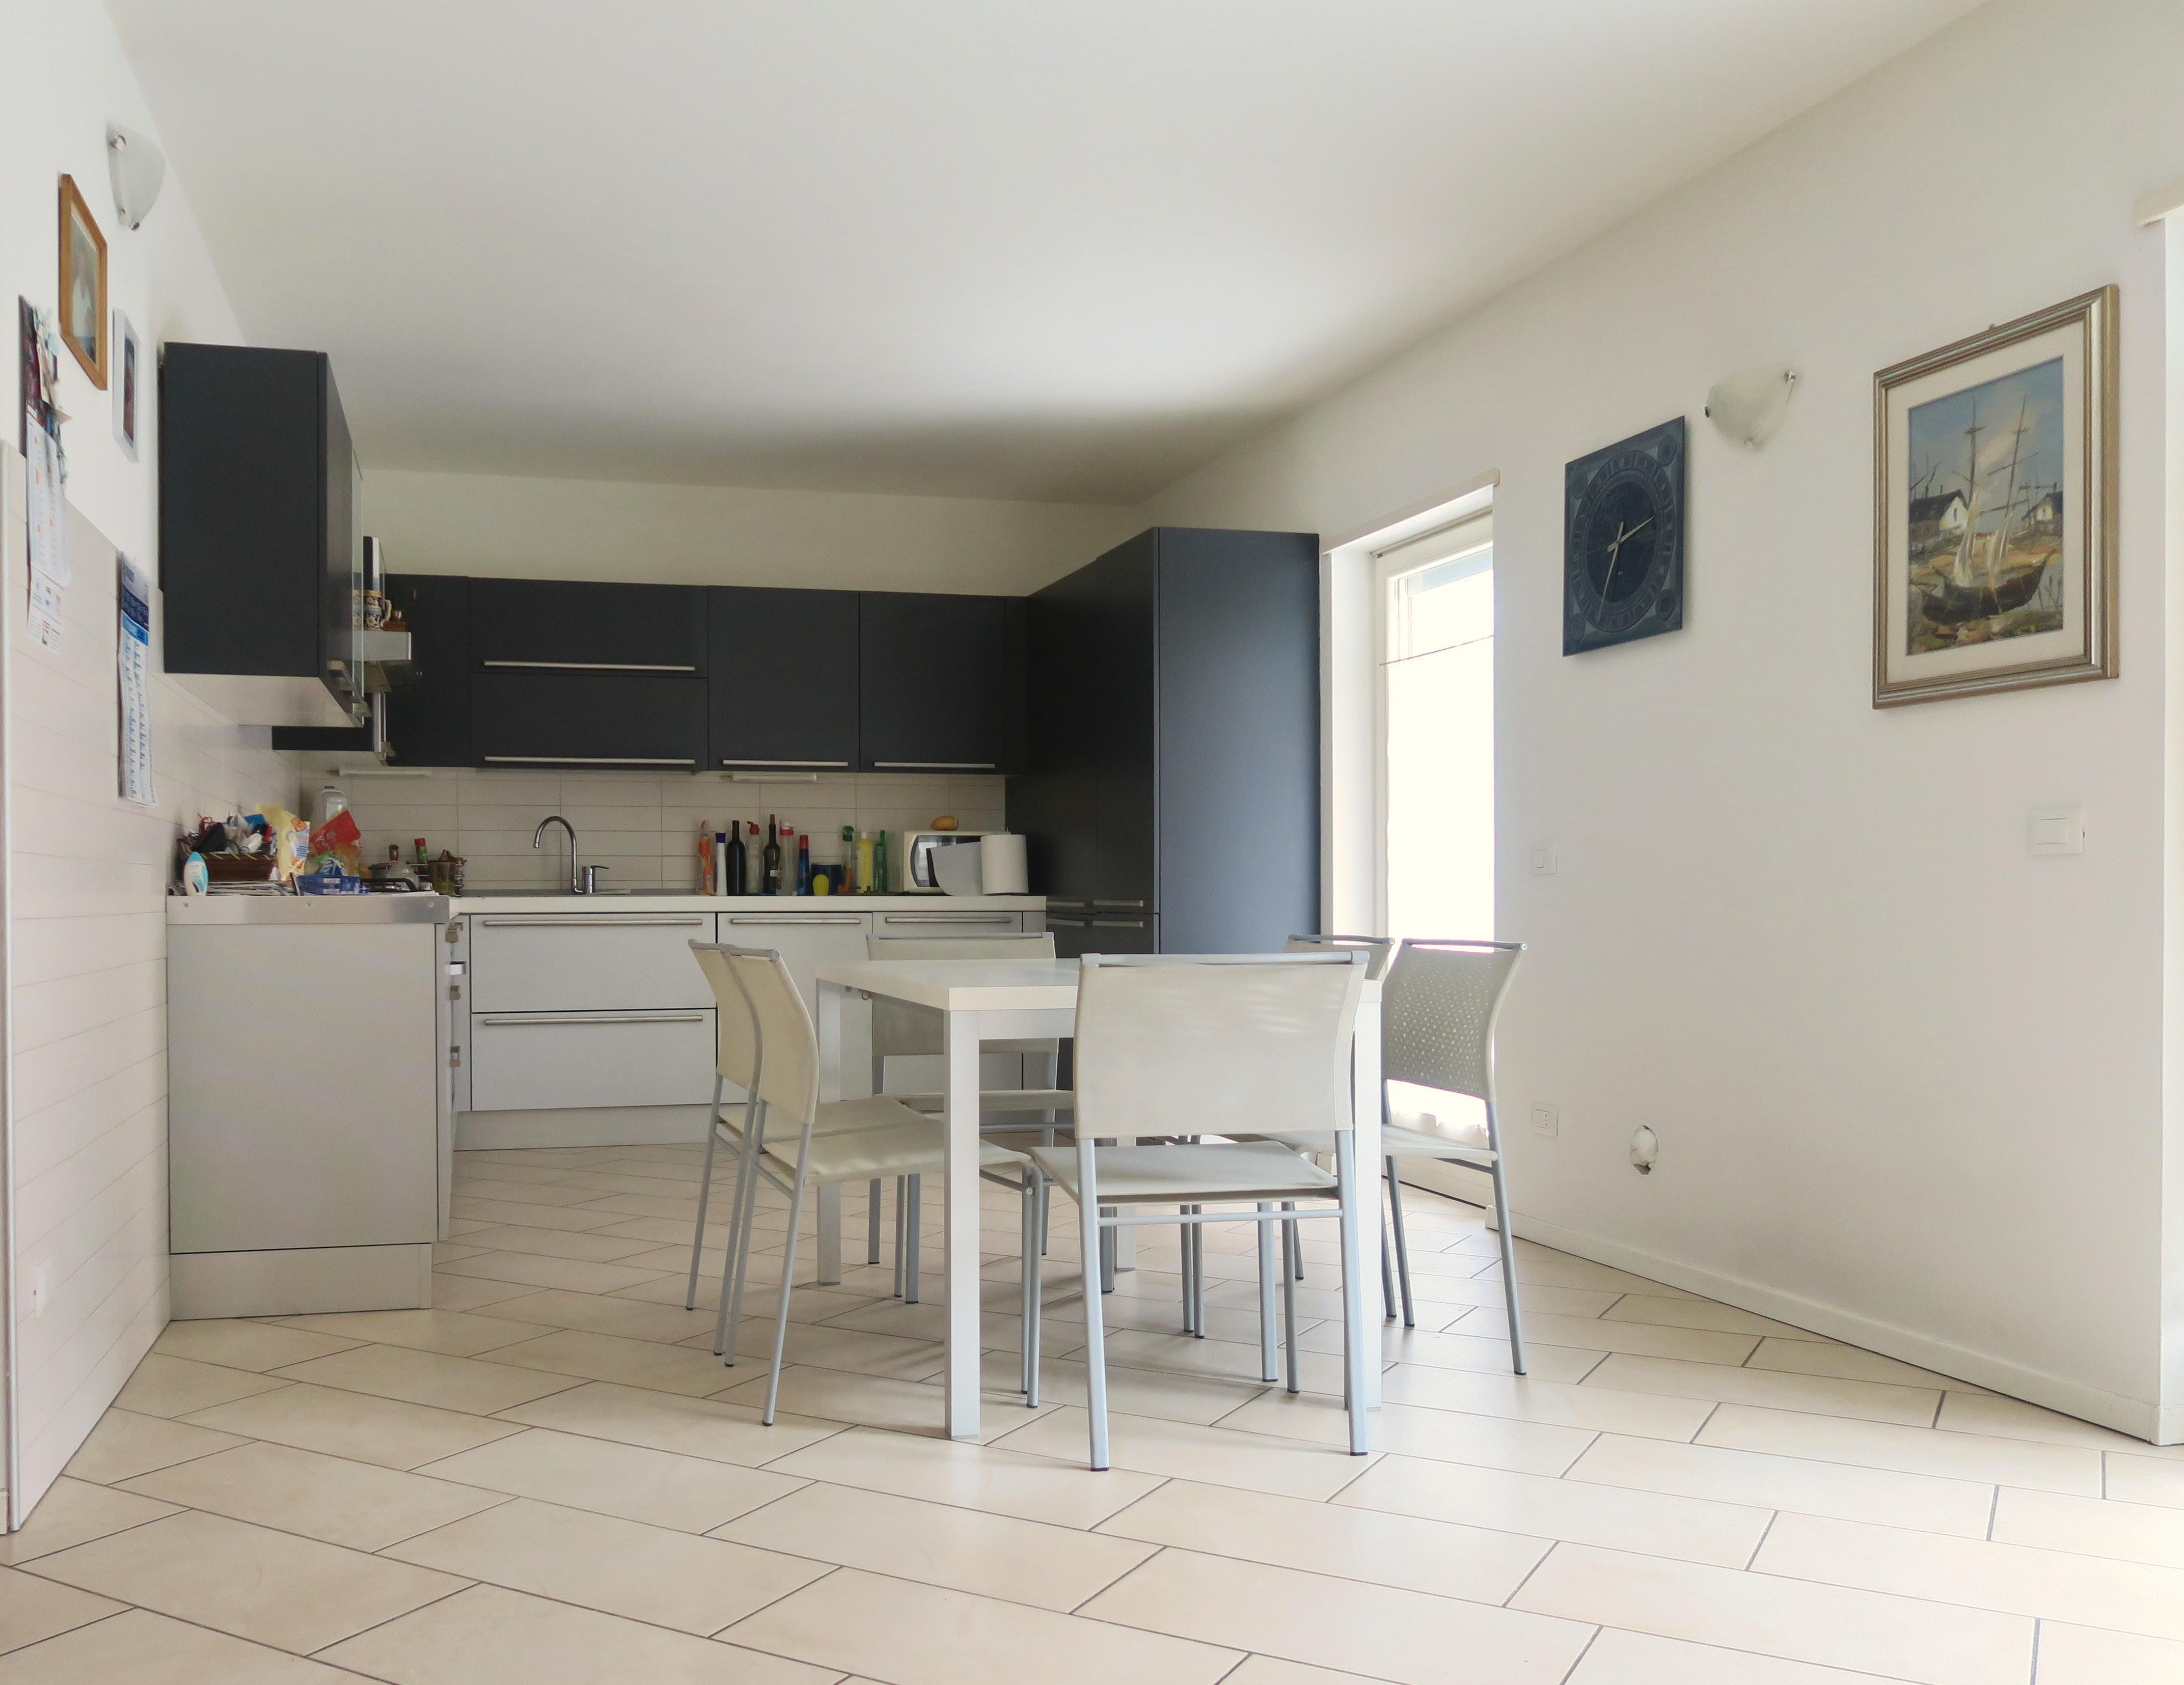 Agenzie Immobiliari Trento Città proprietà in vendita | immobiliare giuliani | agenzia